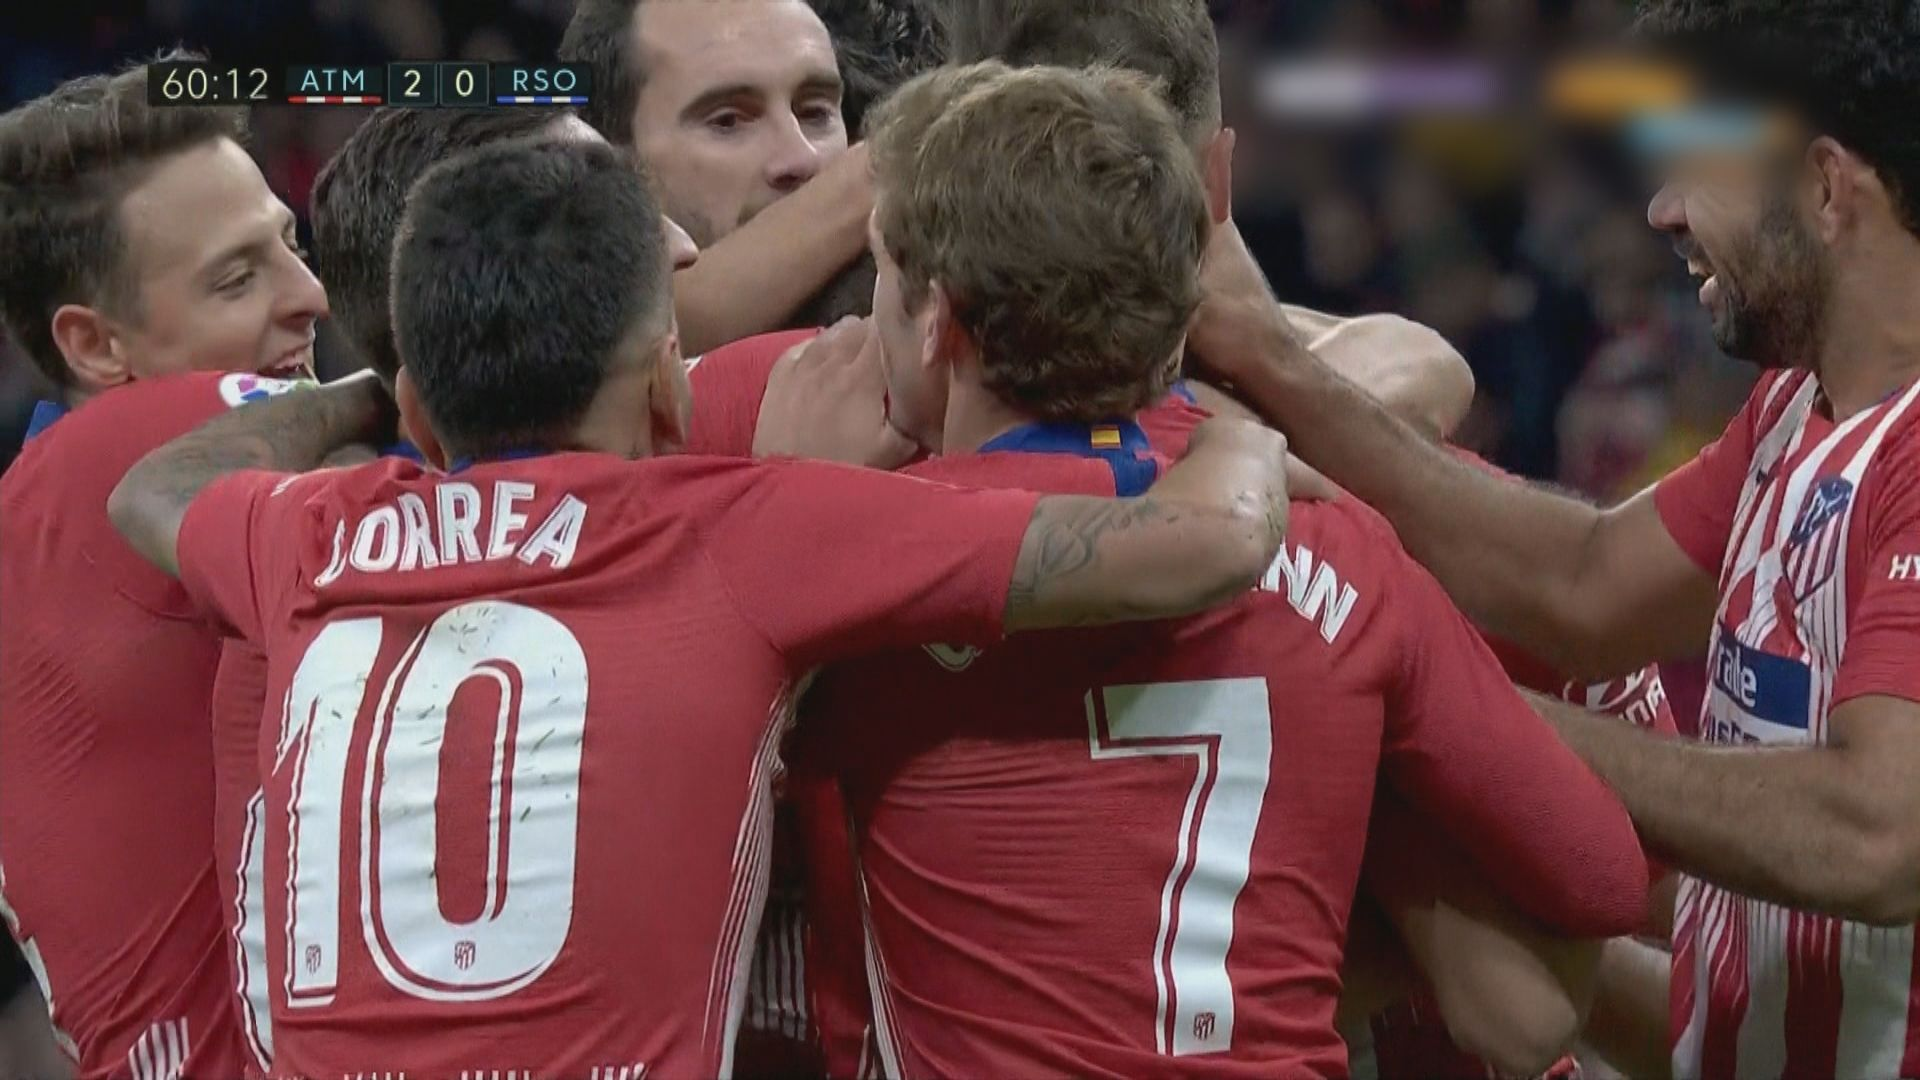 西甲 馬德里體育會 2:0 皇家蘇斯達